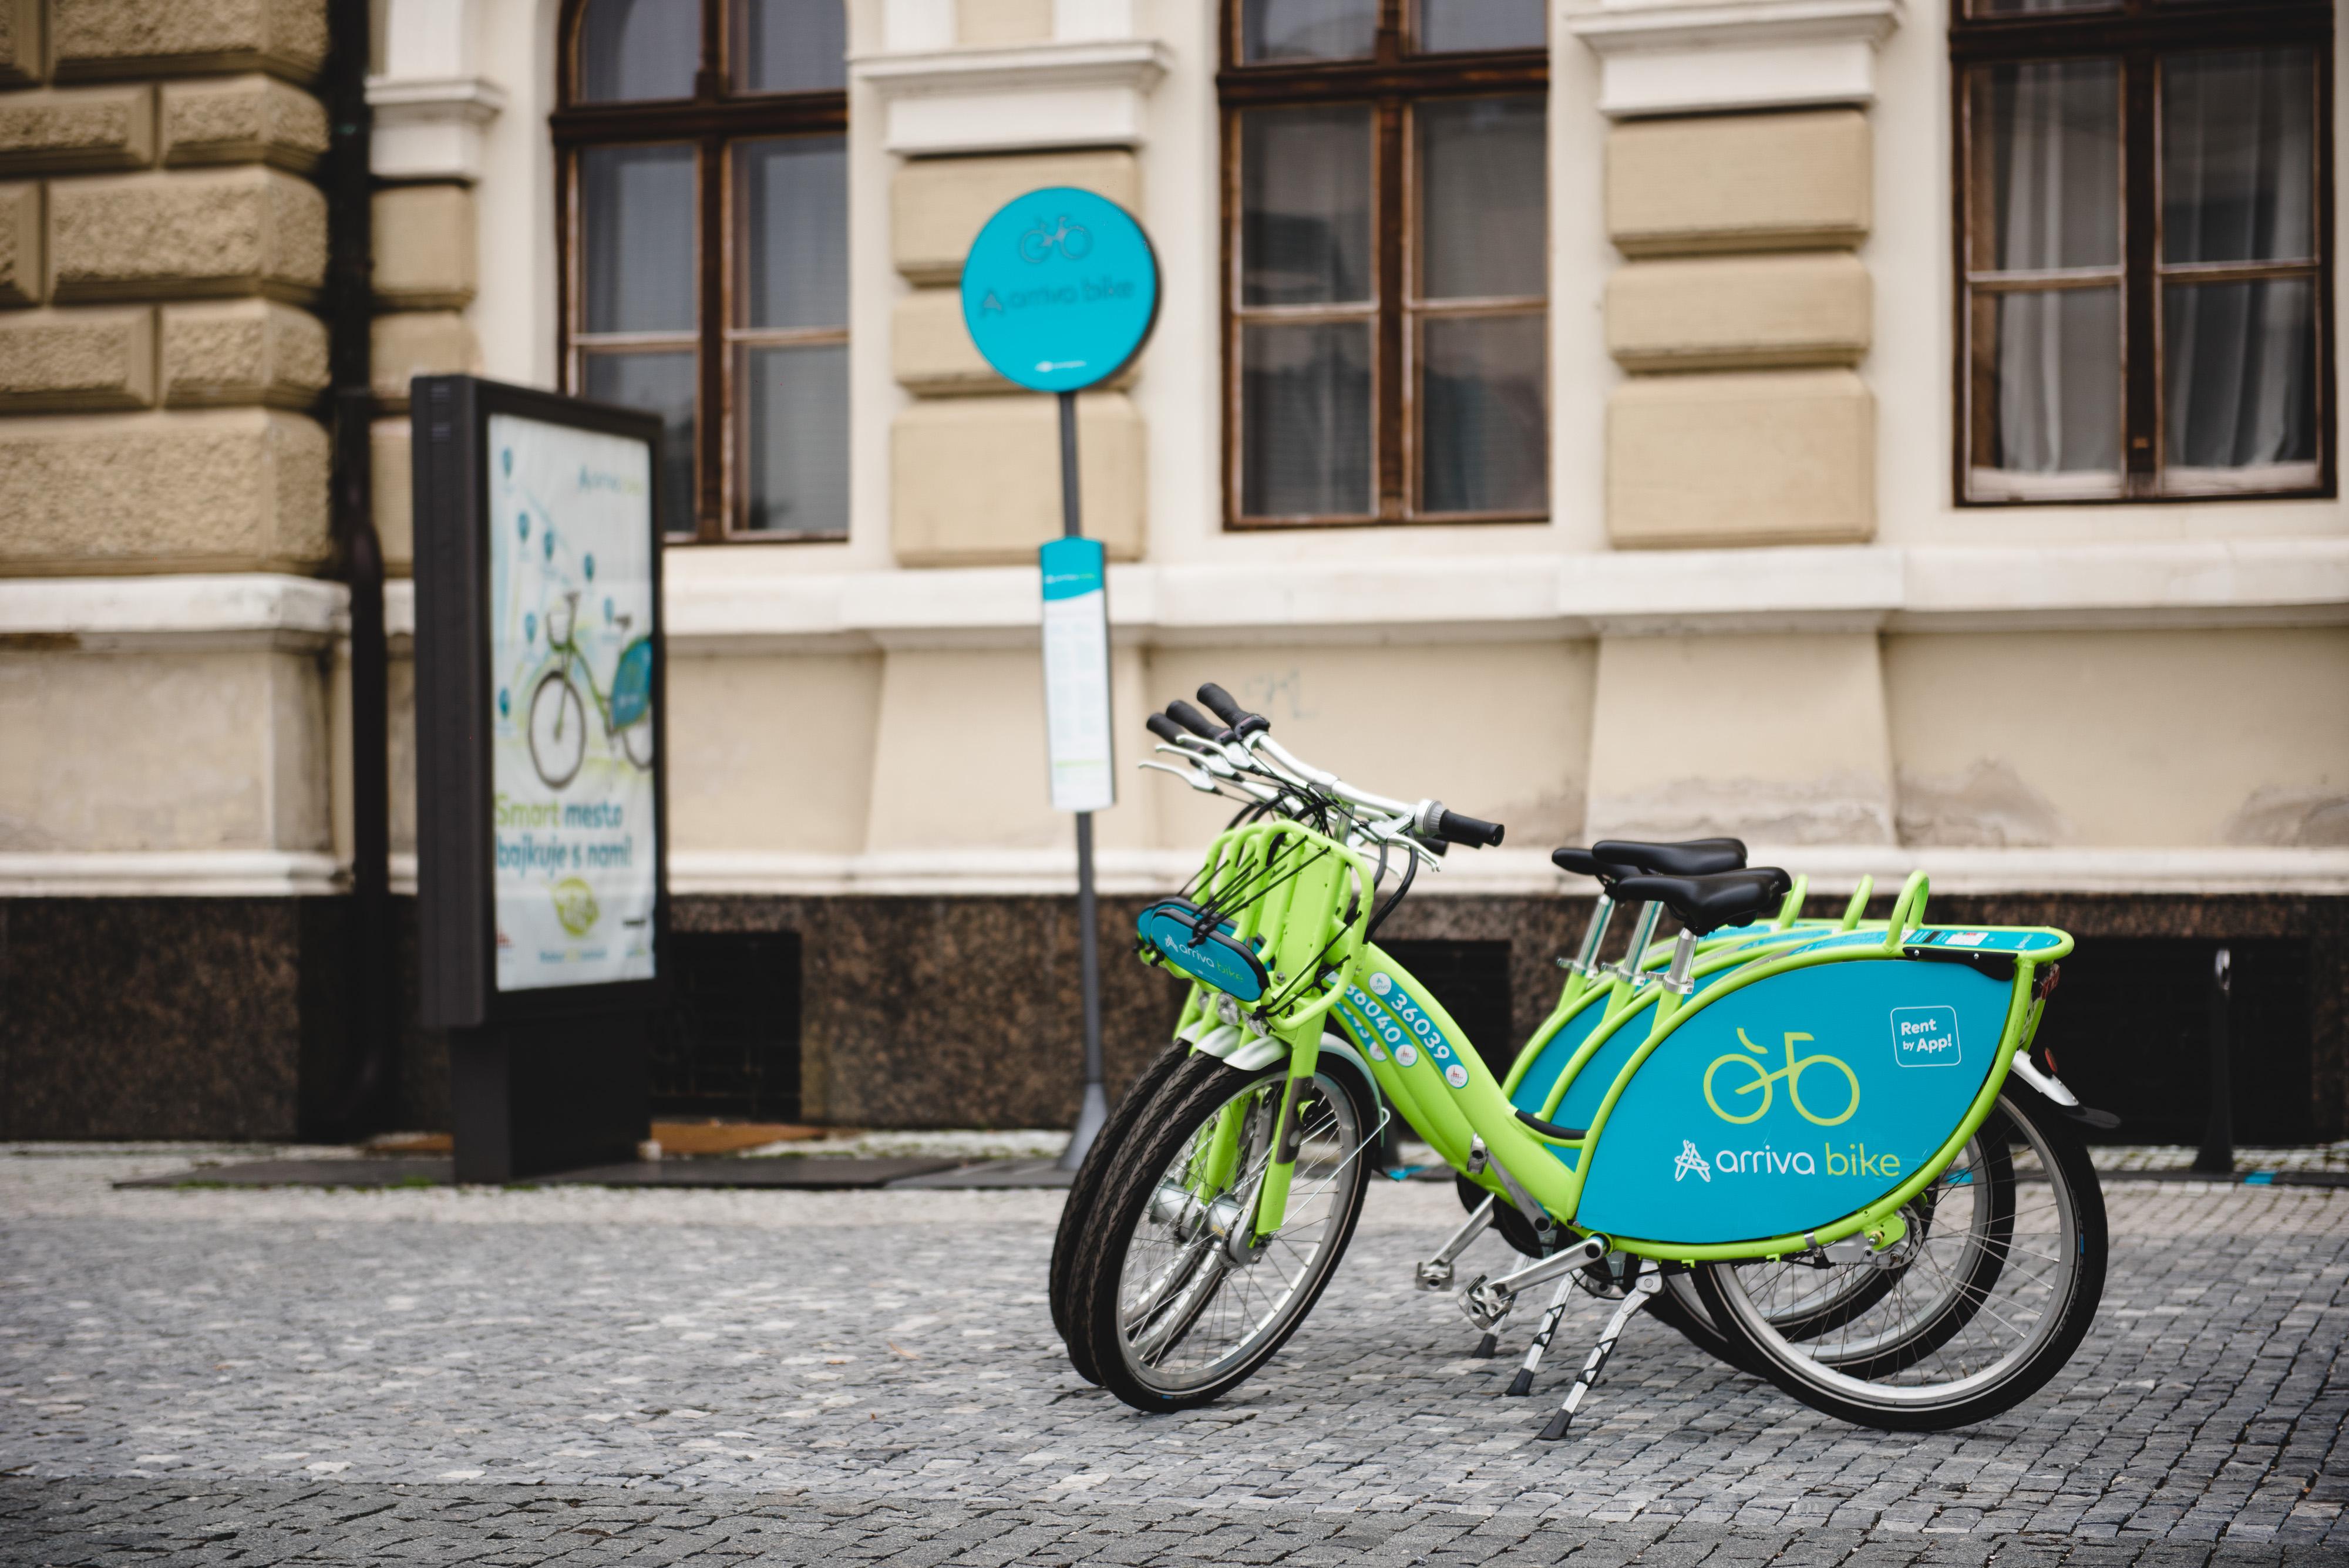 5b9017acf Zdieľané bicykle arriva bike môžu Nitrania - Kam v meste | moja Nitra